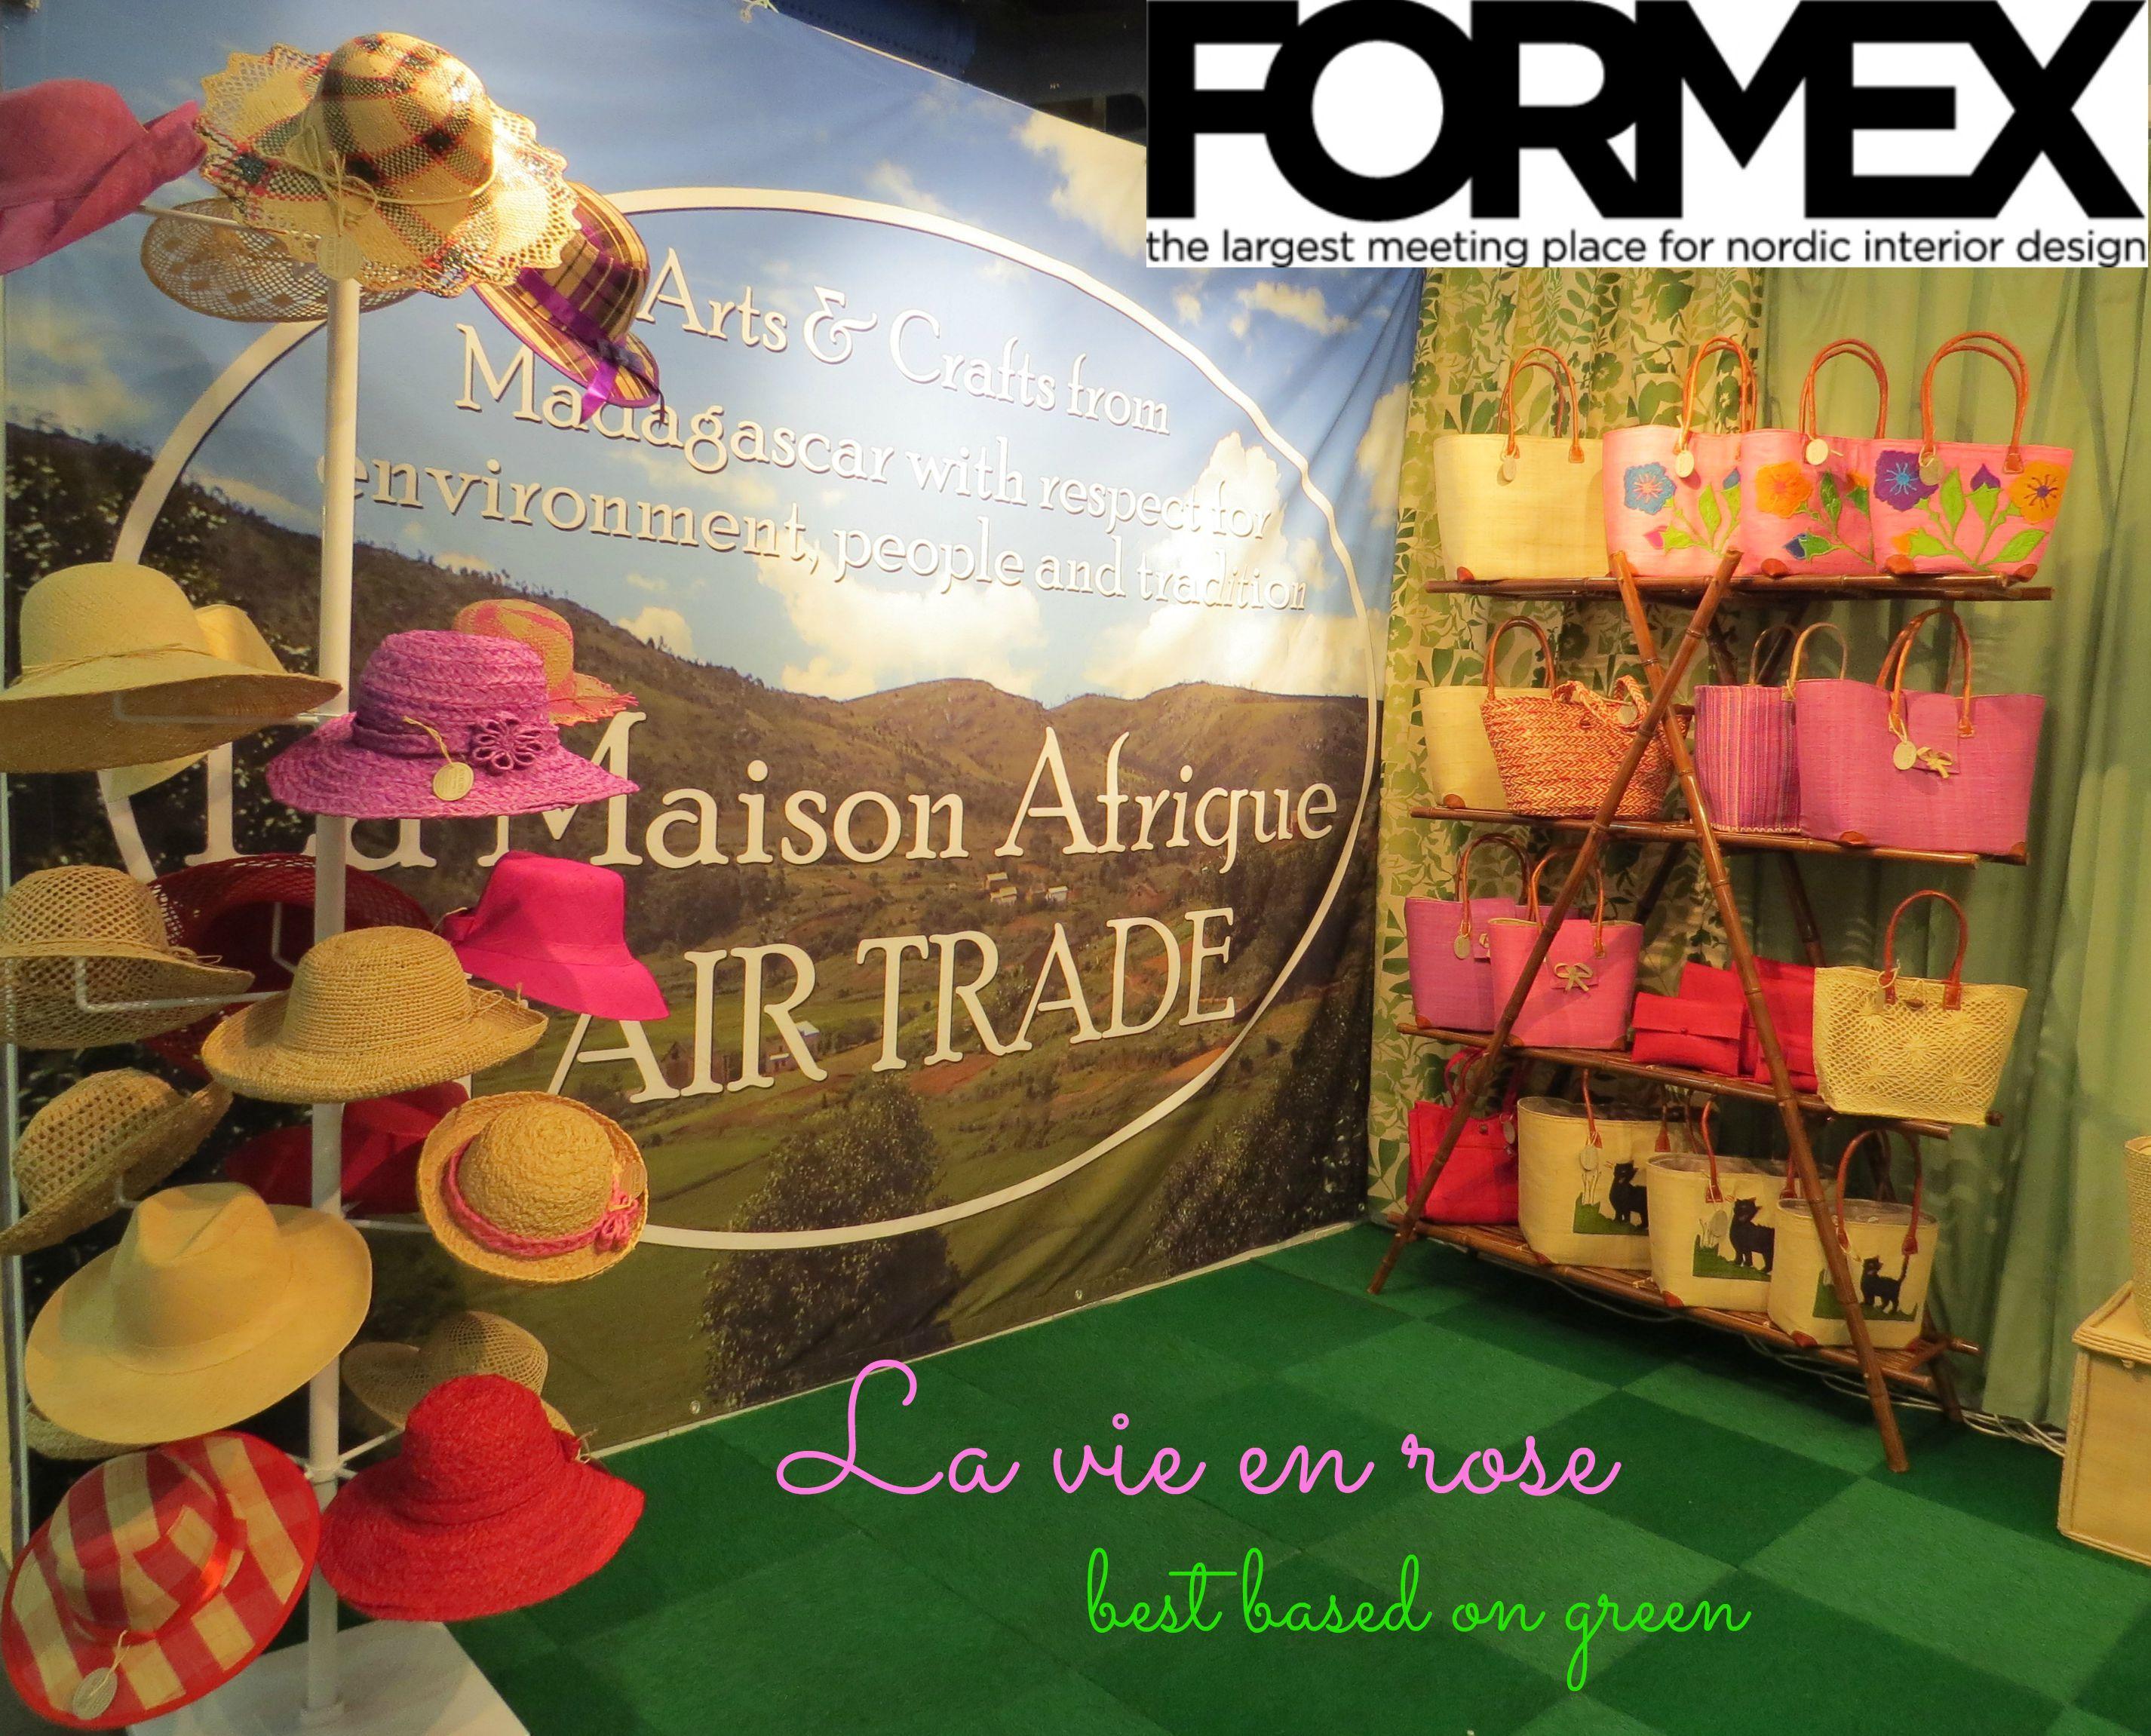 La vie en rose - best based on green. La Maison Afrique FAIR TRADE at Formex, August 2015